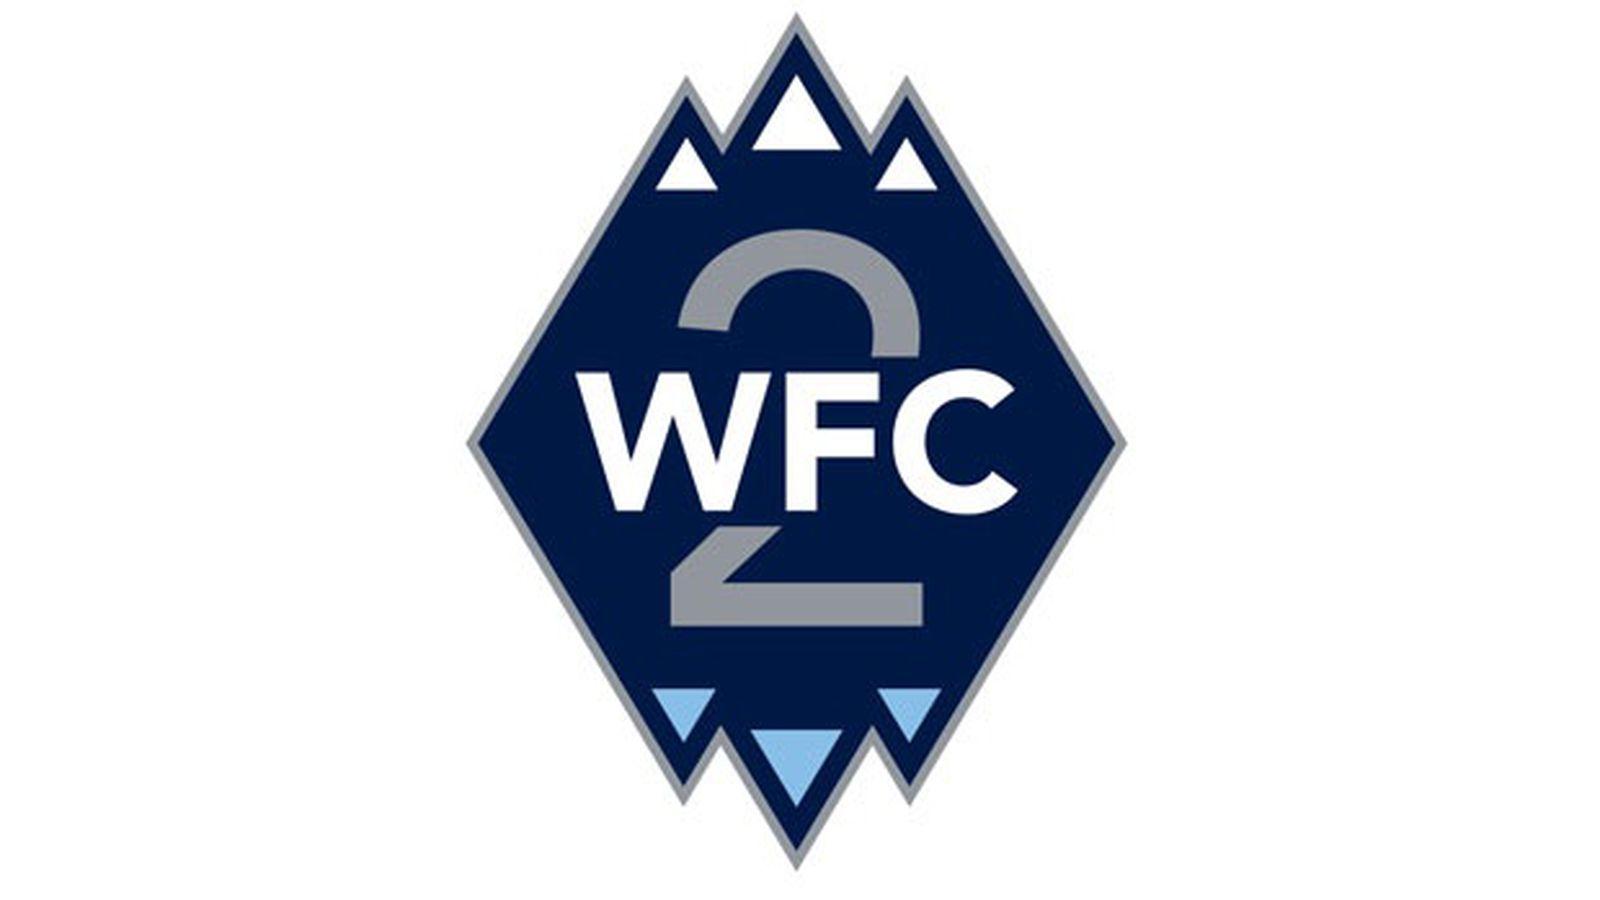 Vwfc.0.0